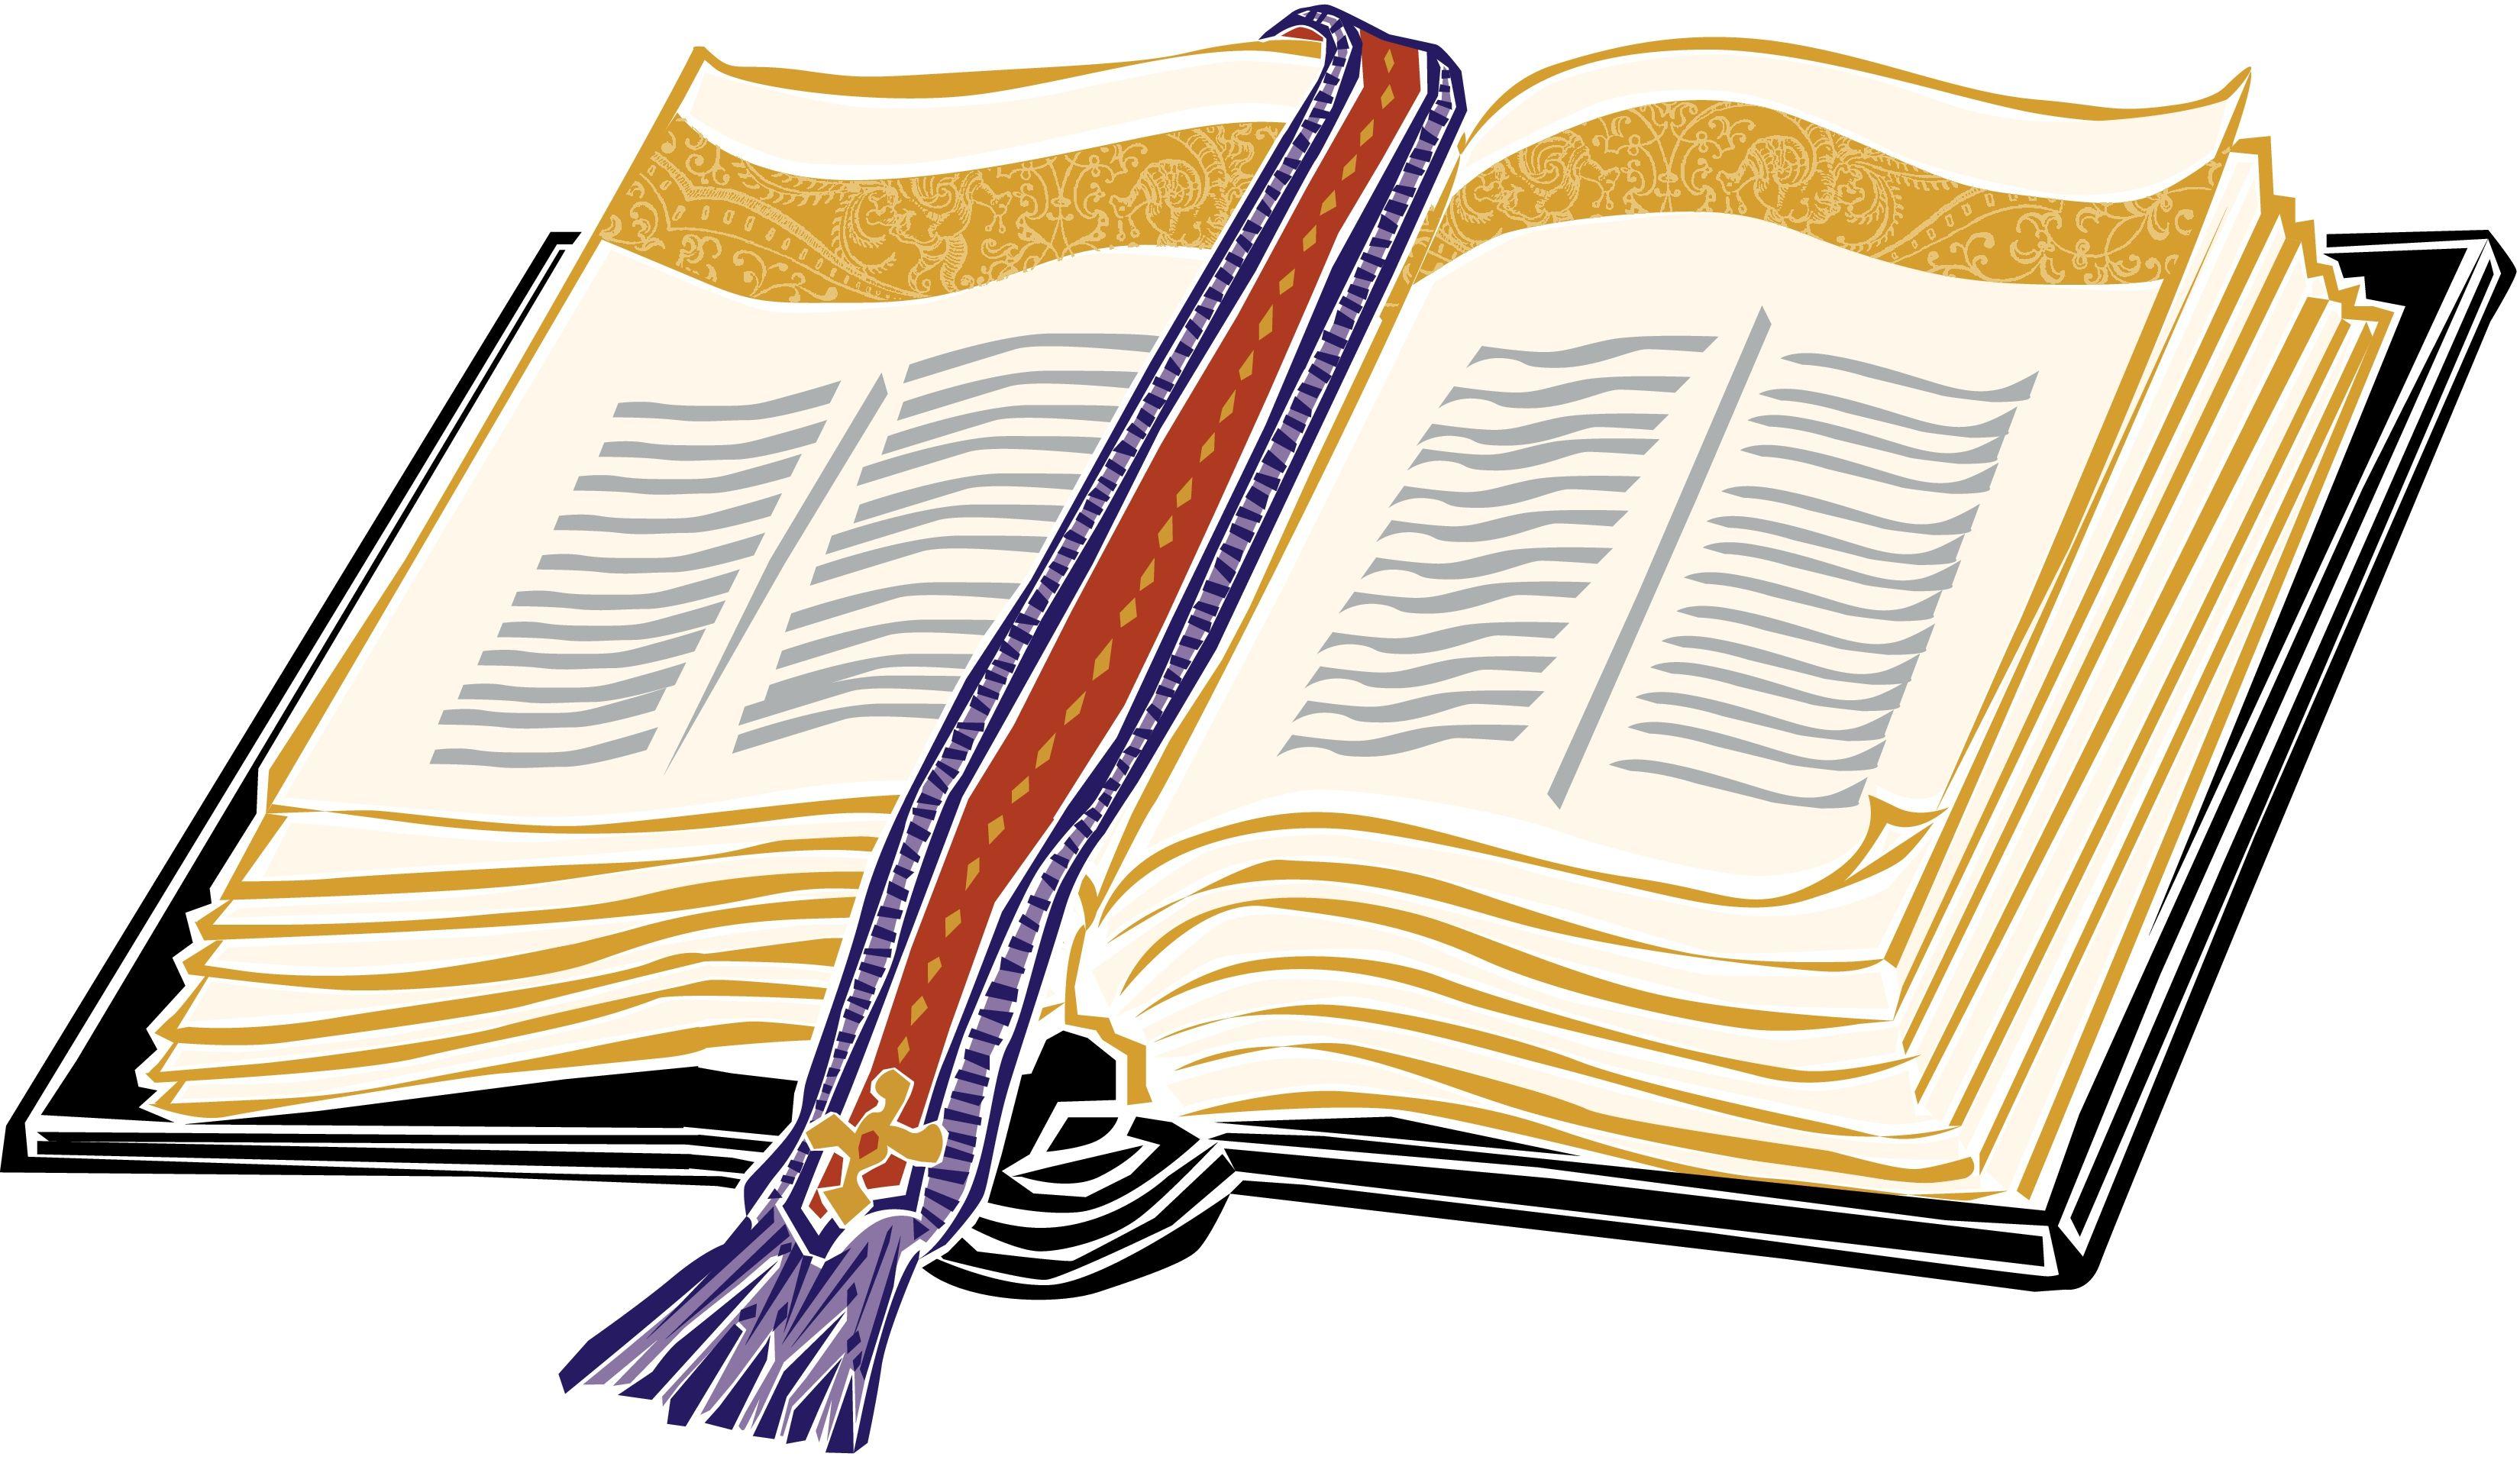 3300x1912 Gold Open Christian Bible Clipart